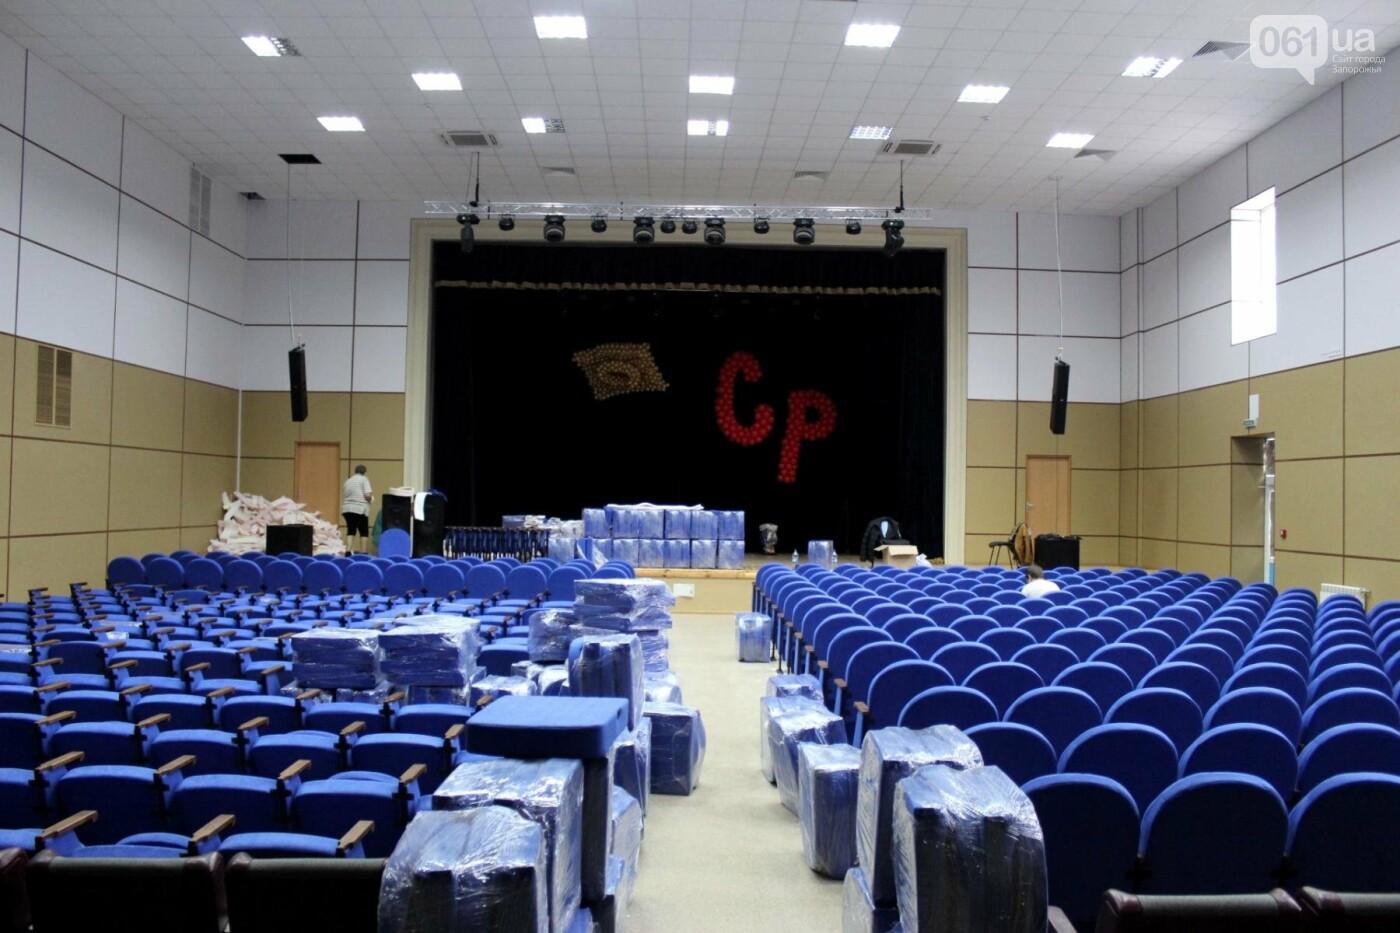 Чем живет запорожский центр молодежи: новый концертный зал, коворкинг и остатки пропагандистского прошлого, - ФОТОРЕПОРТАЖ, фото-7